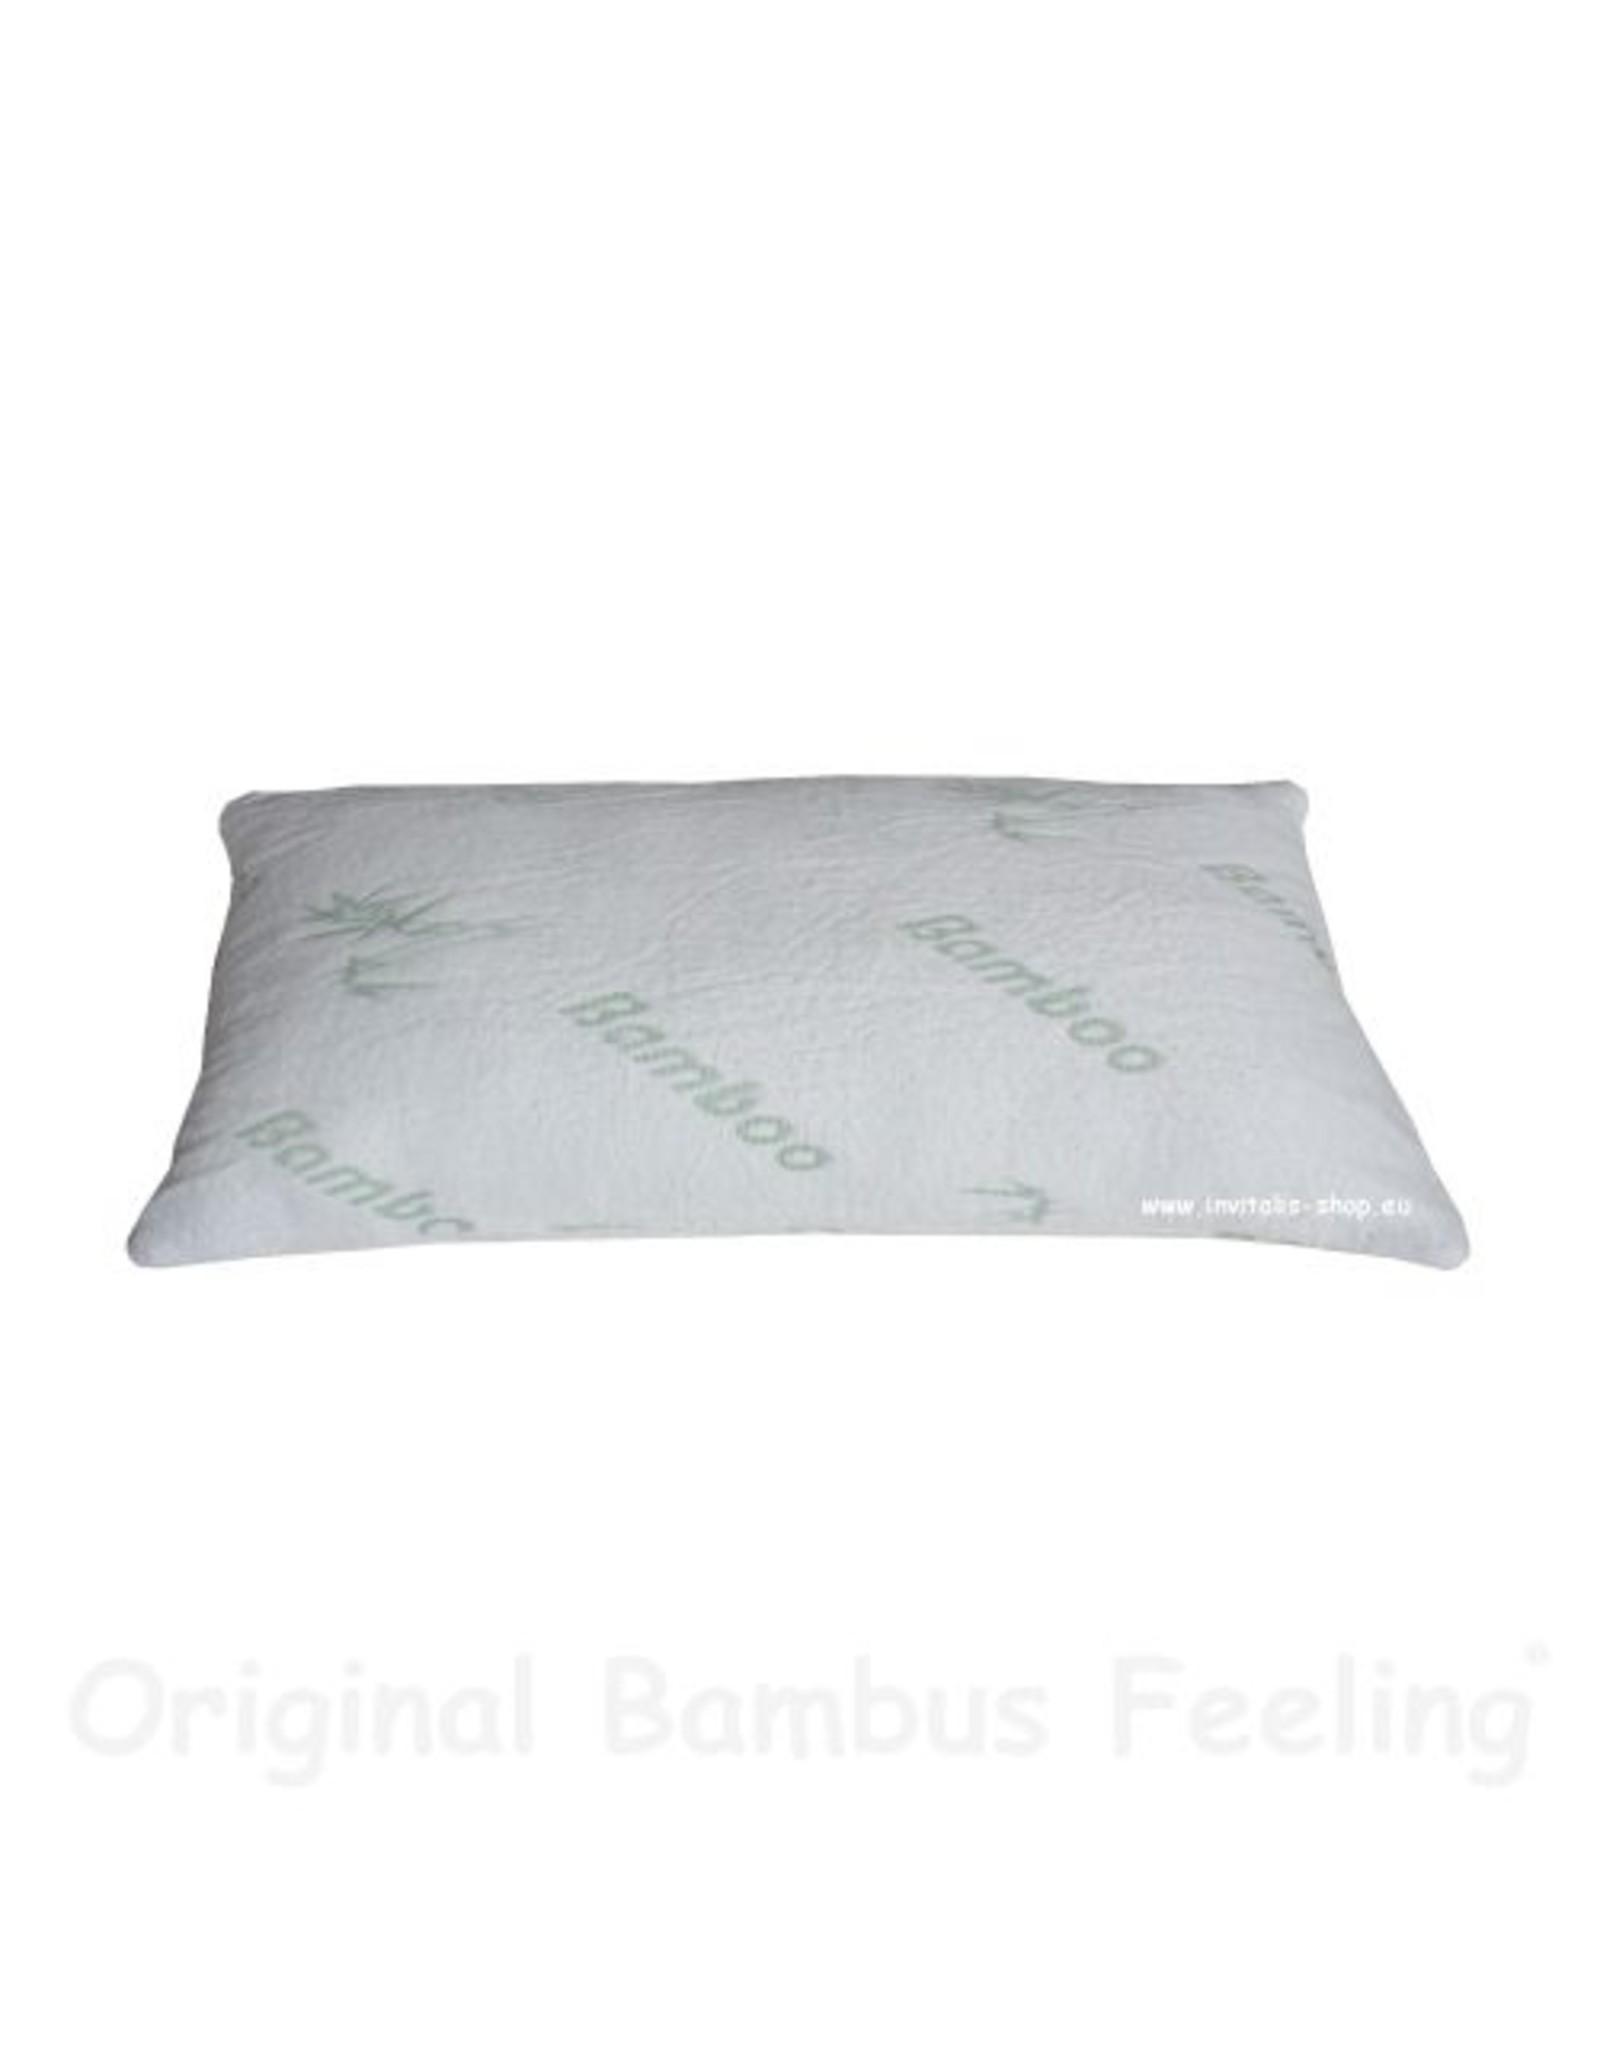 INVITALIS Bambus Kissen - 80x40cm